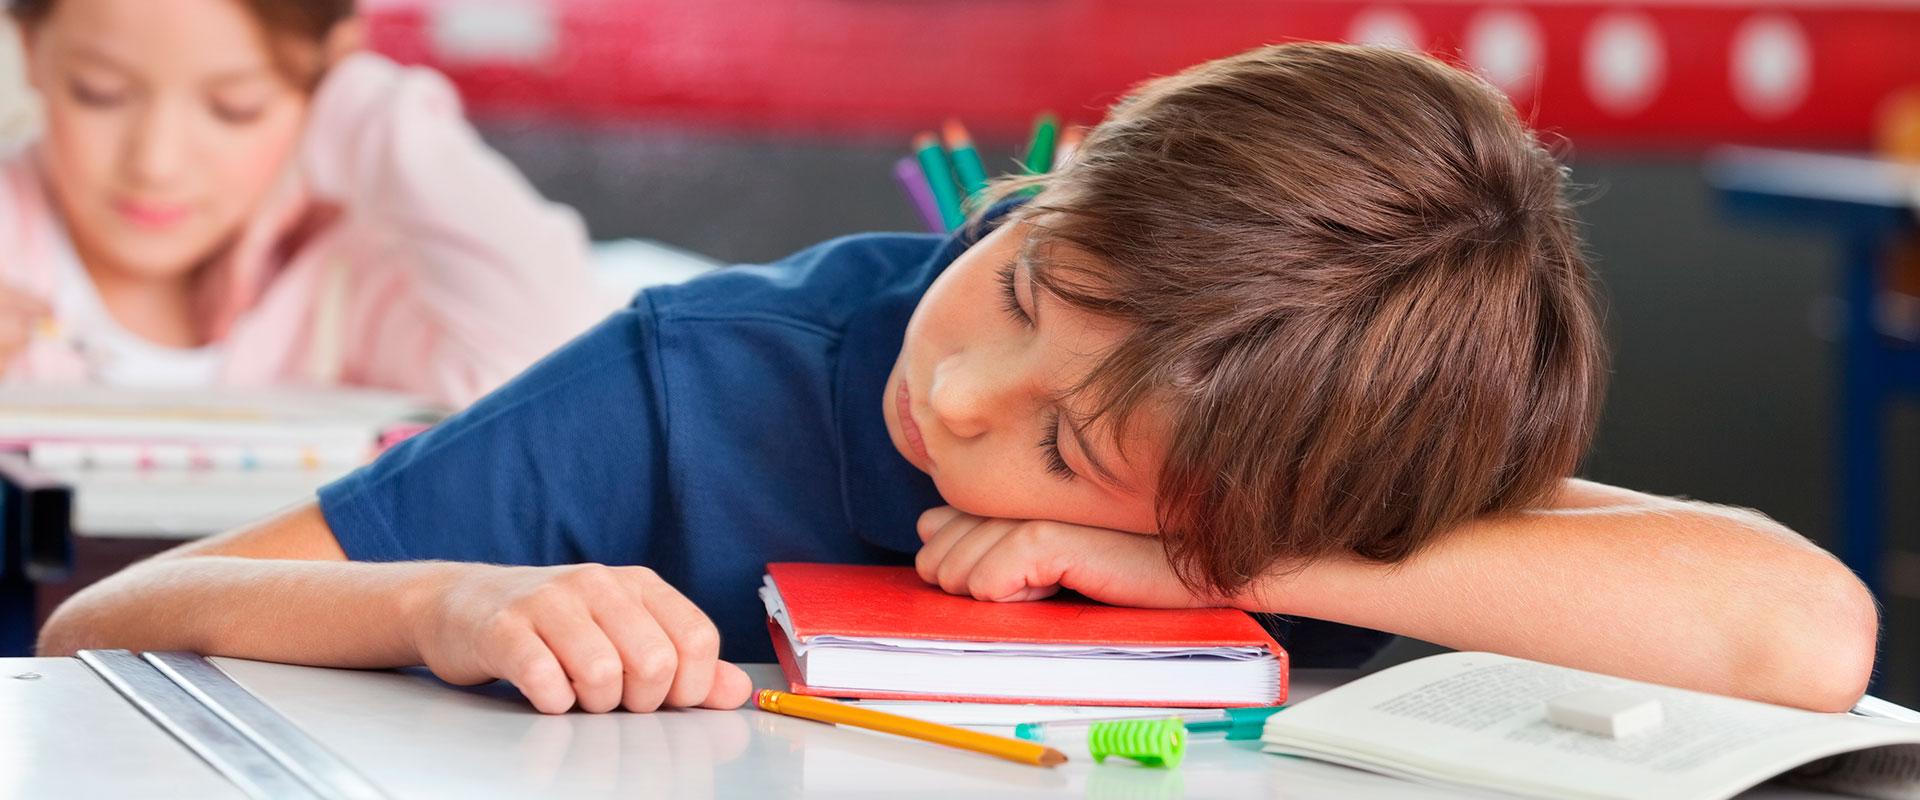 Niño durmiendo en clase por tener un trastorno del sueño.